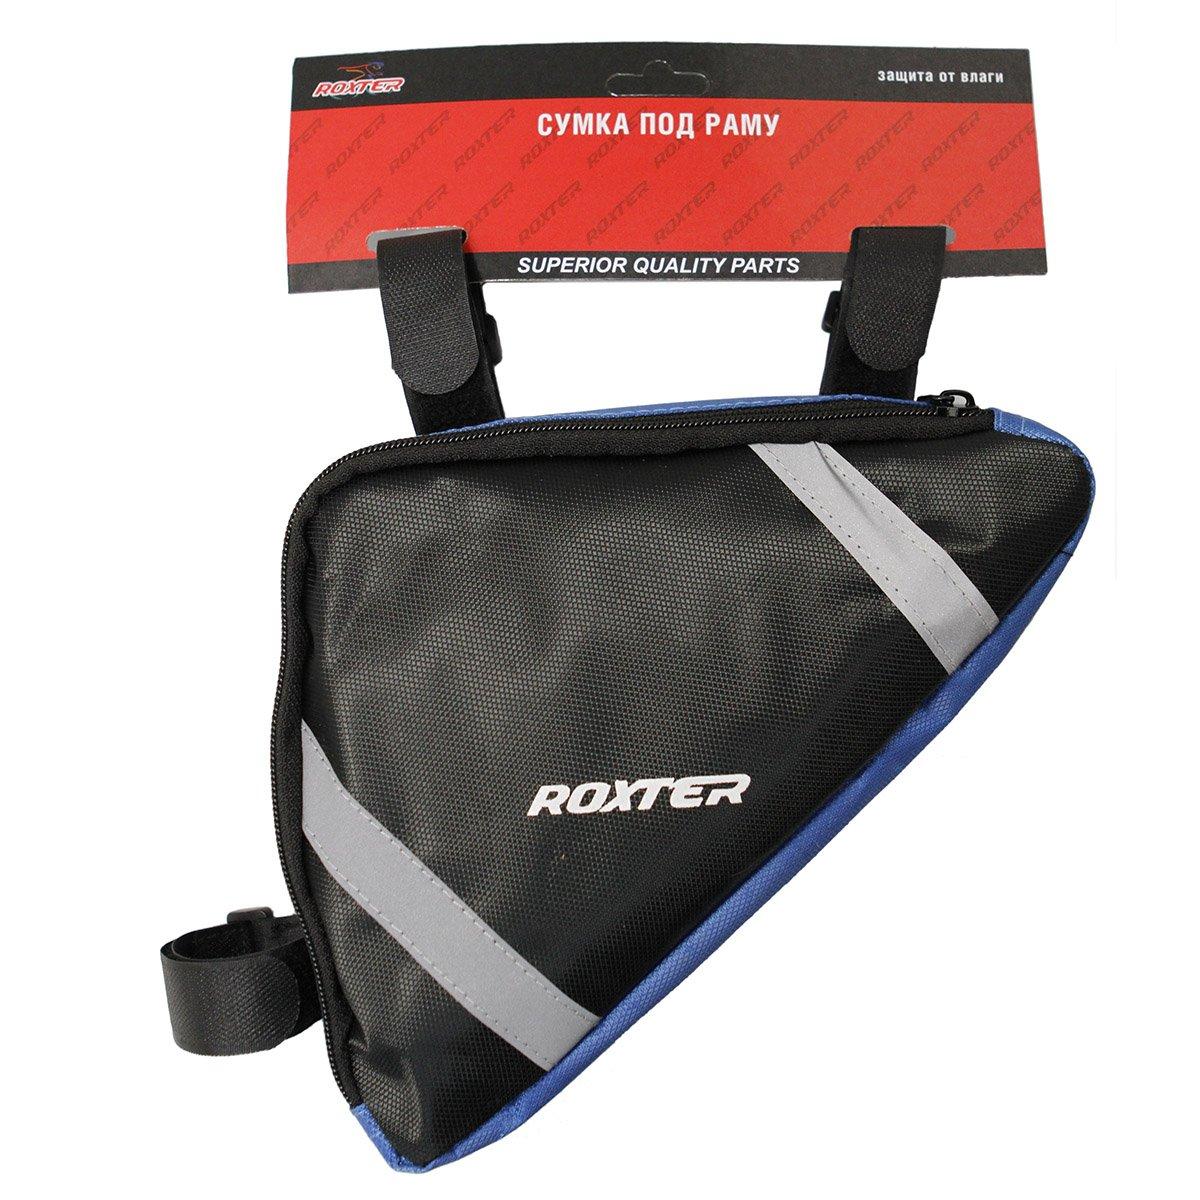 Сумка велосипедная ROXTER водостойкая в торговой упаковке.